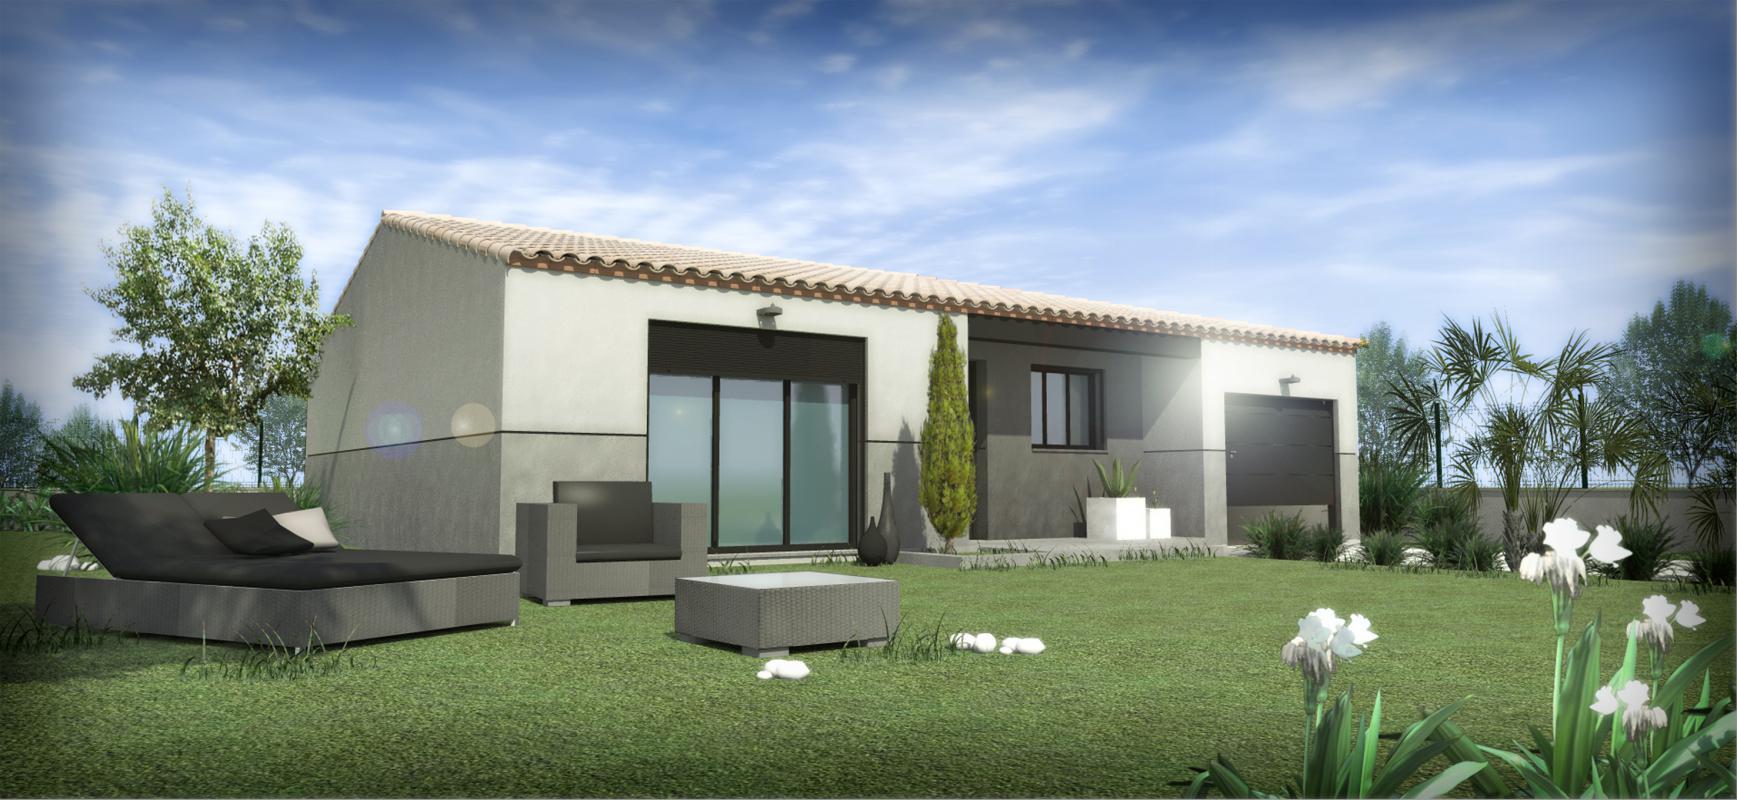 Maisons + Terrains du constructeur SM 11 • 72 m² • BASSAN